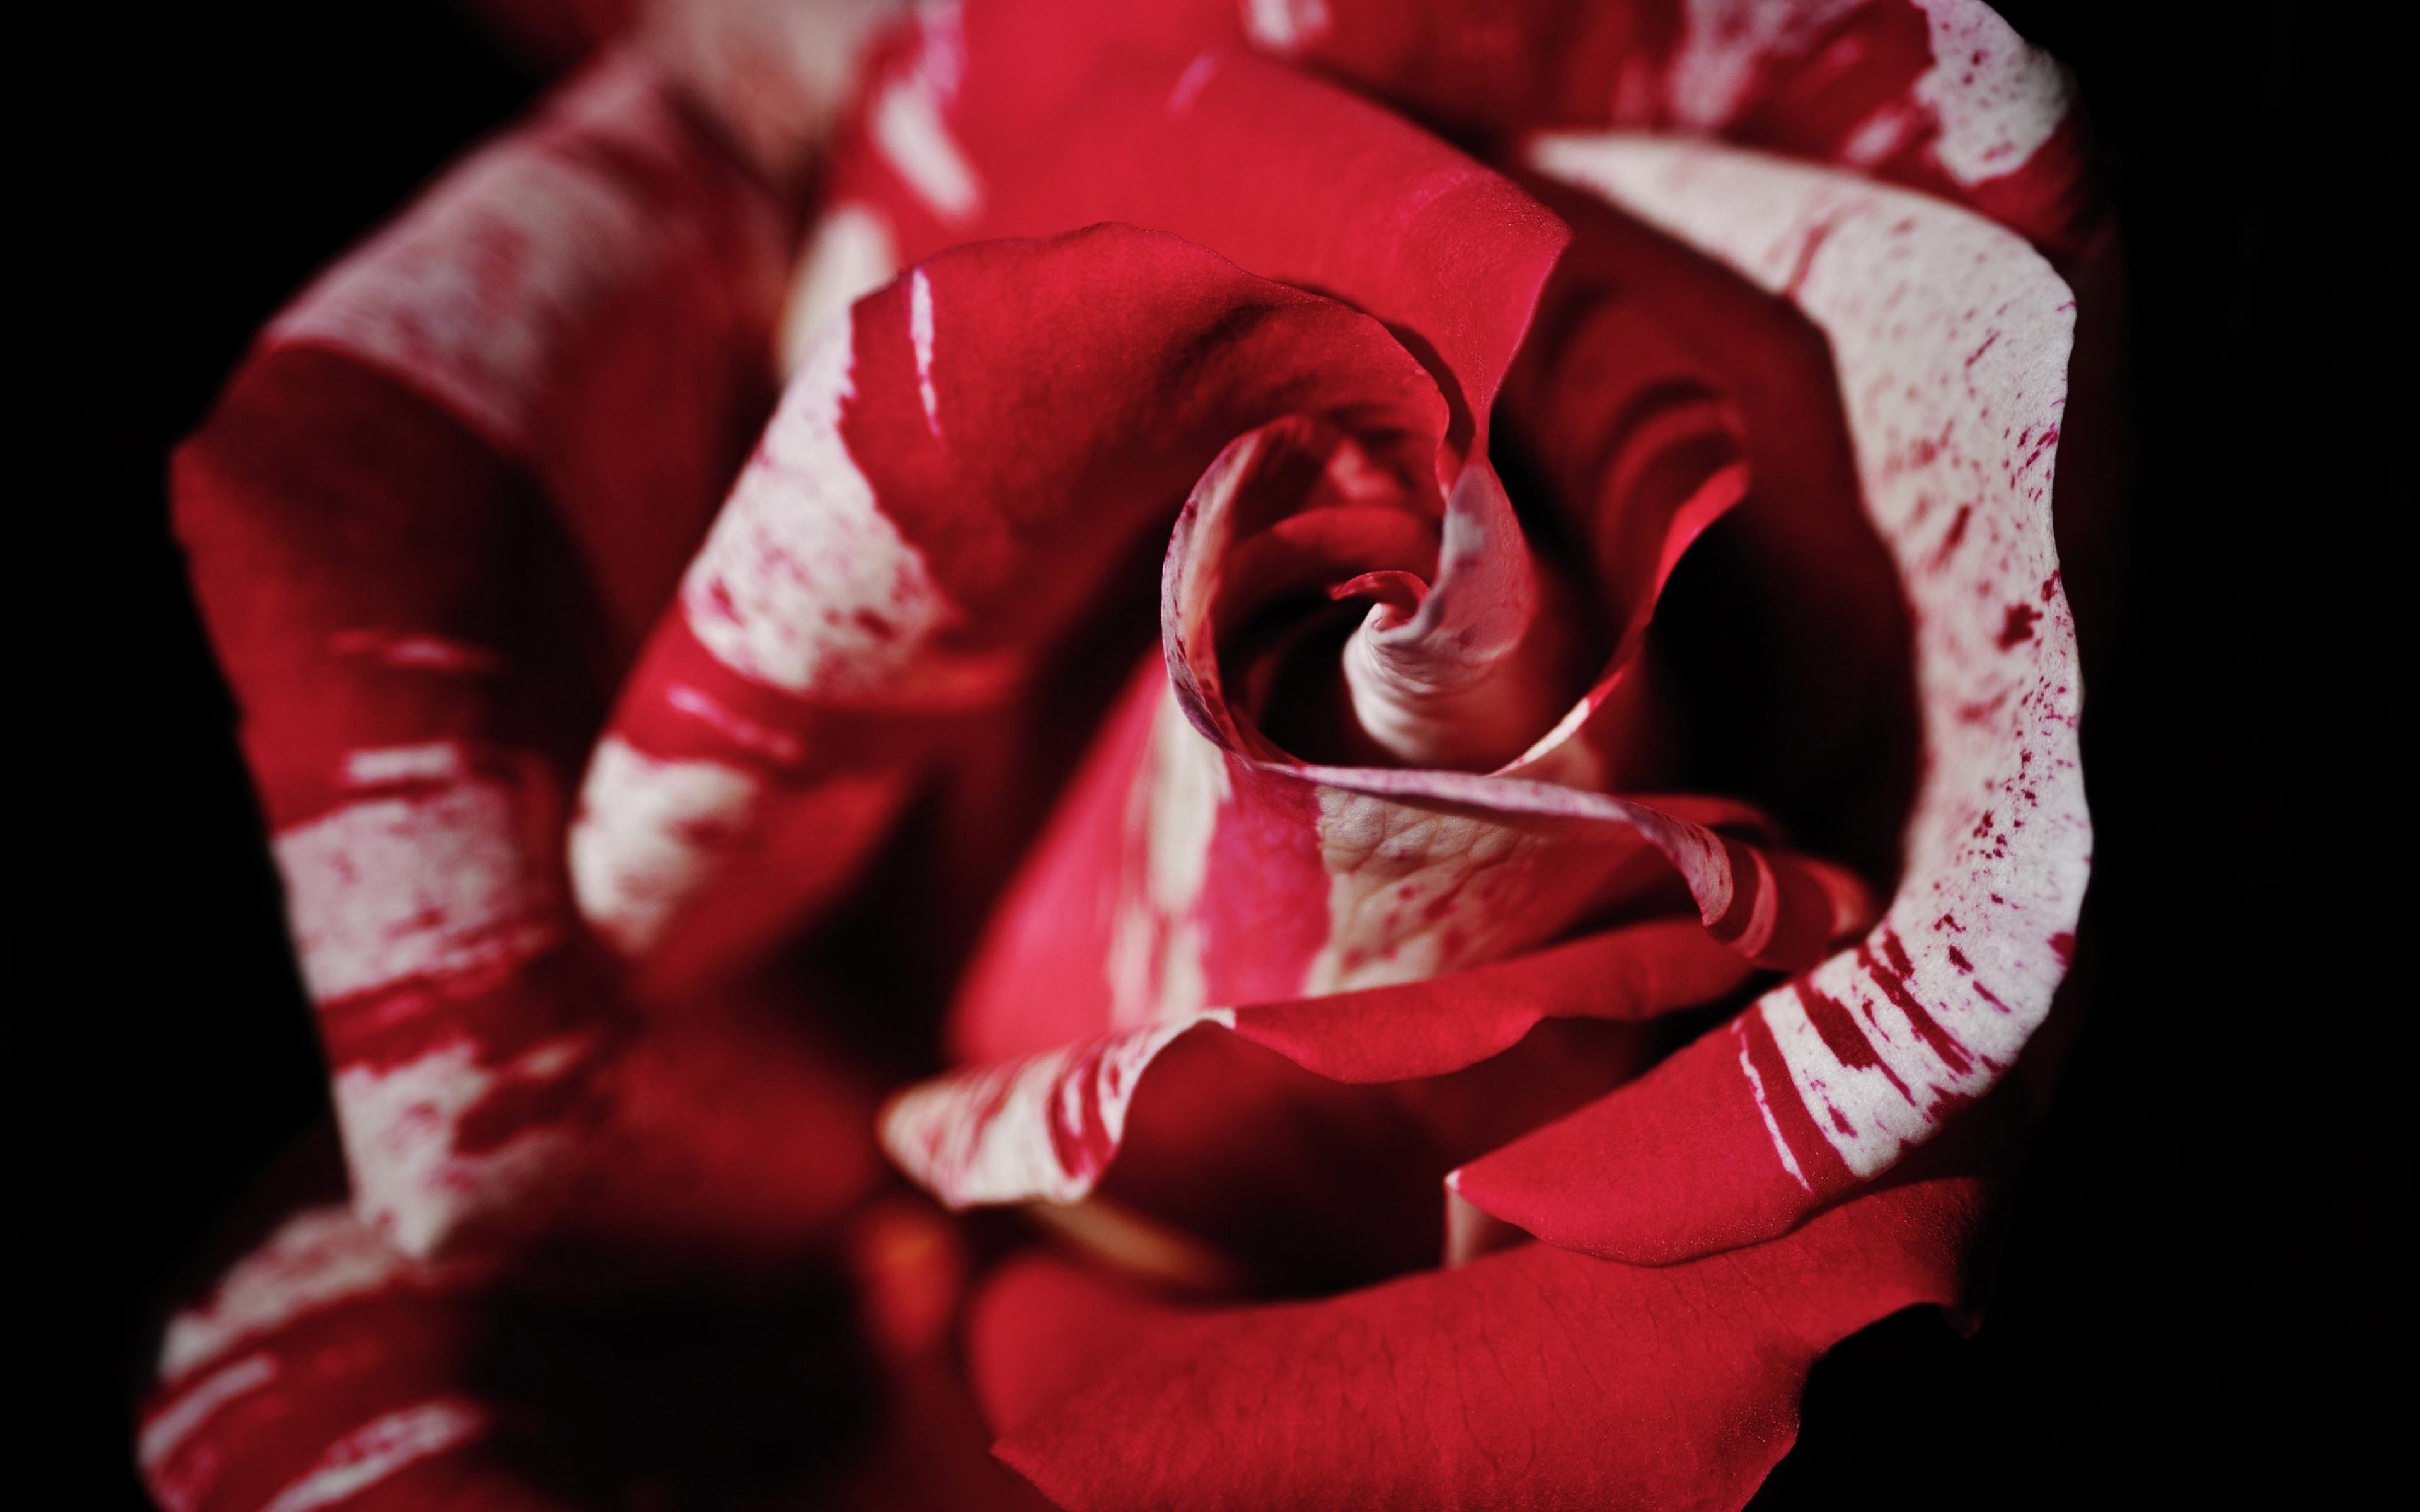 Картинка Розы красные Цветы Крупным планом 3840x2400 роза красная Красный красных цветок вблизи